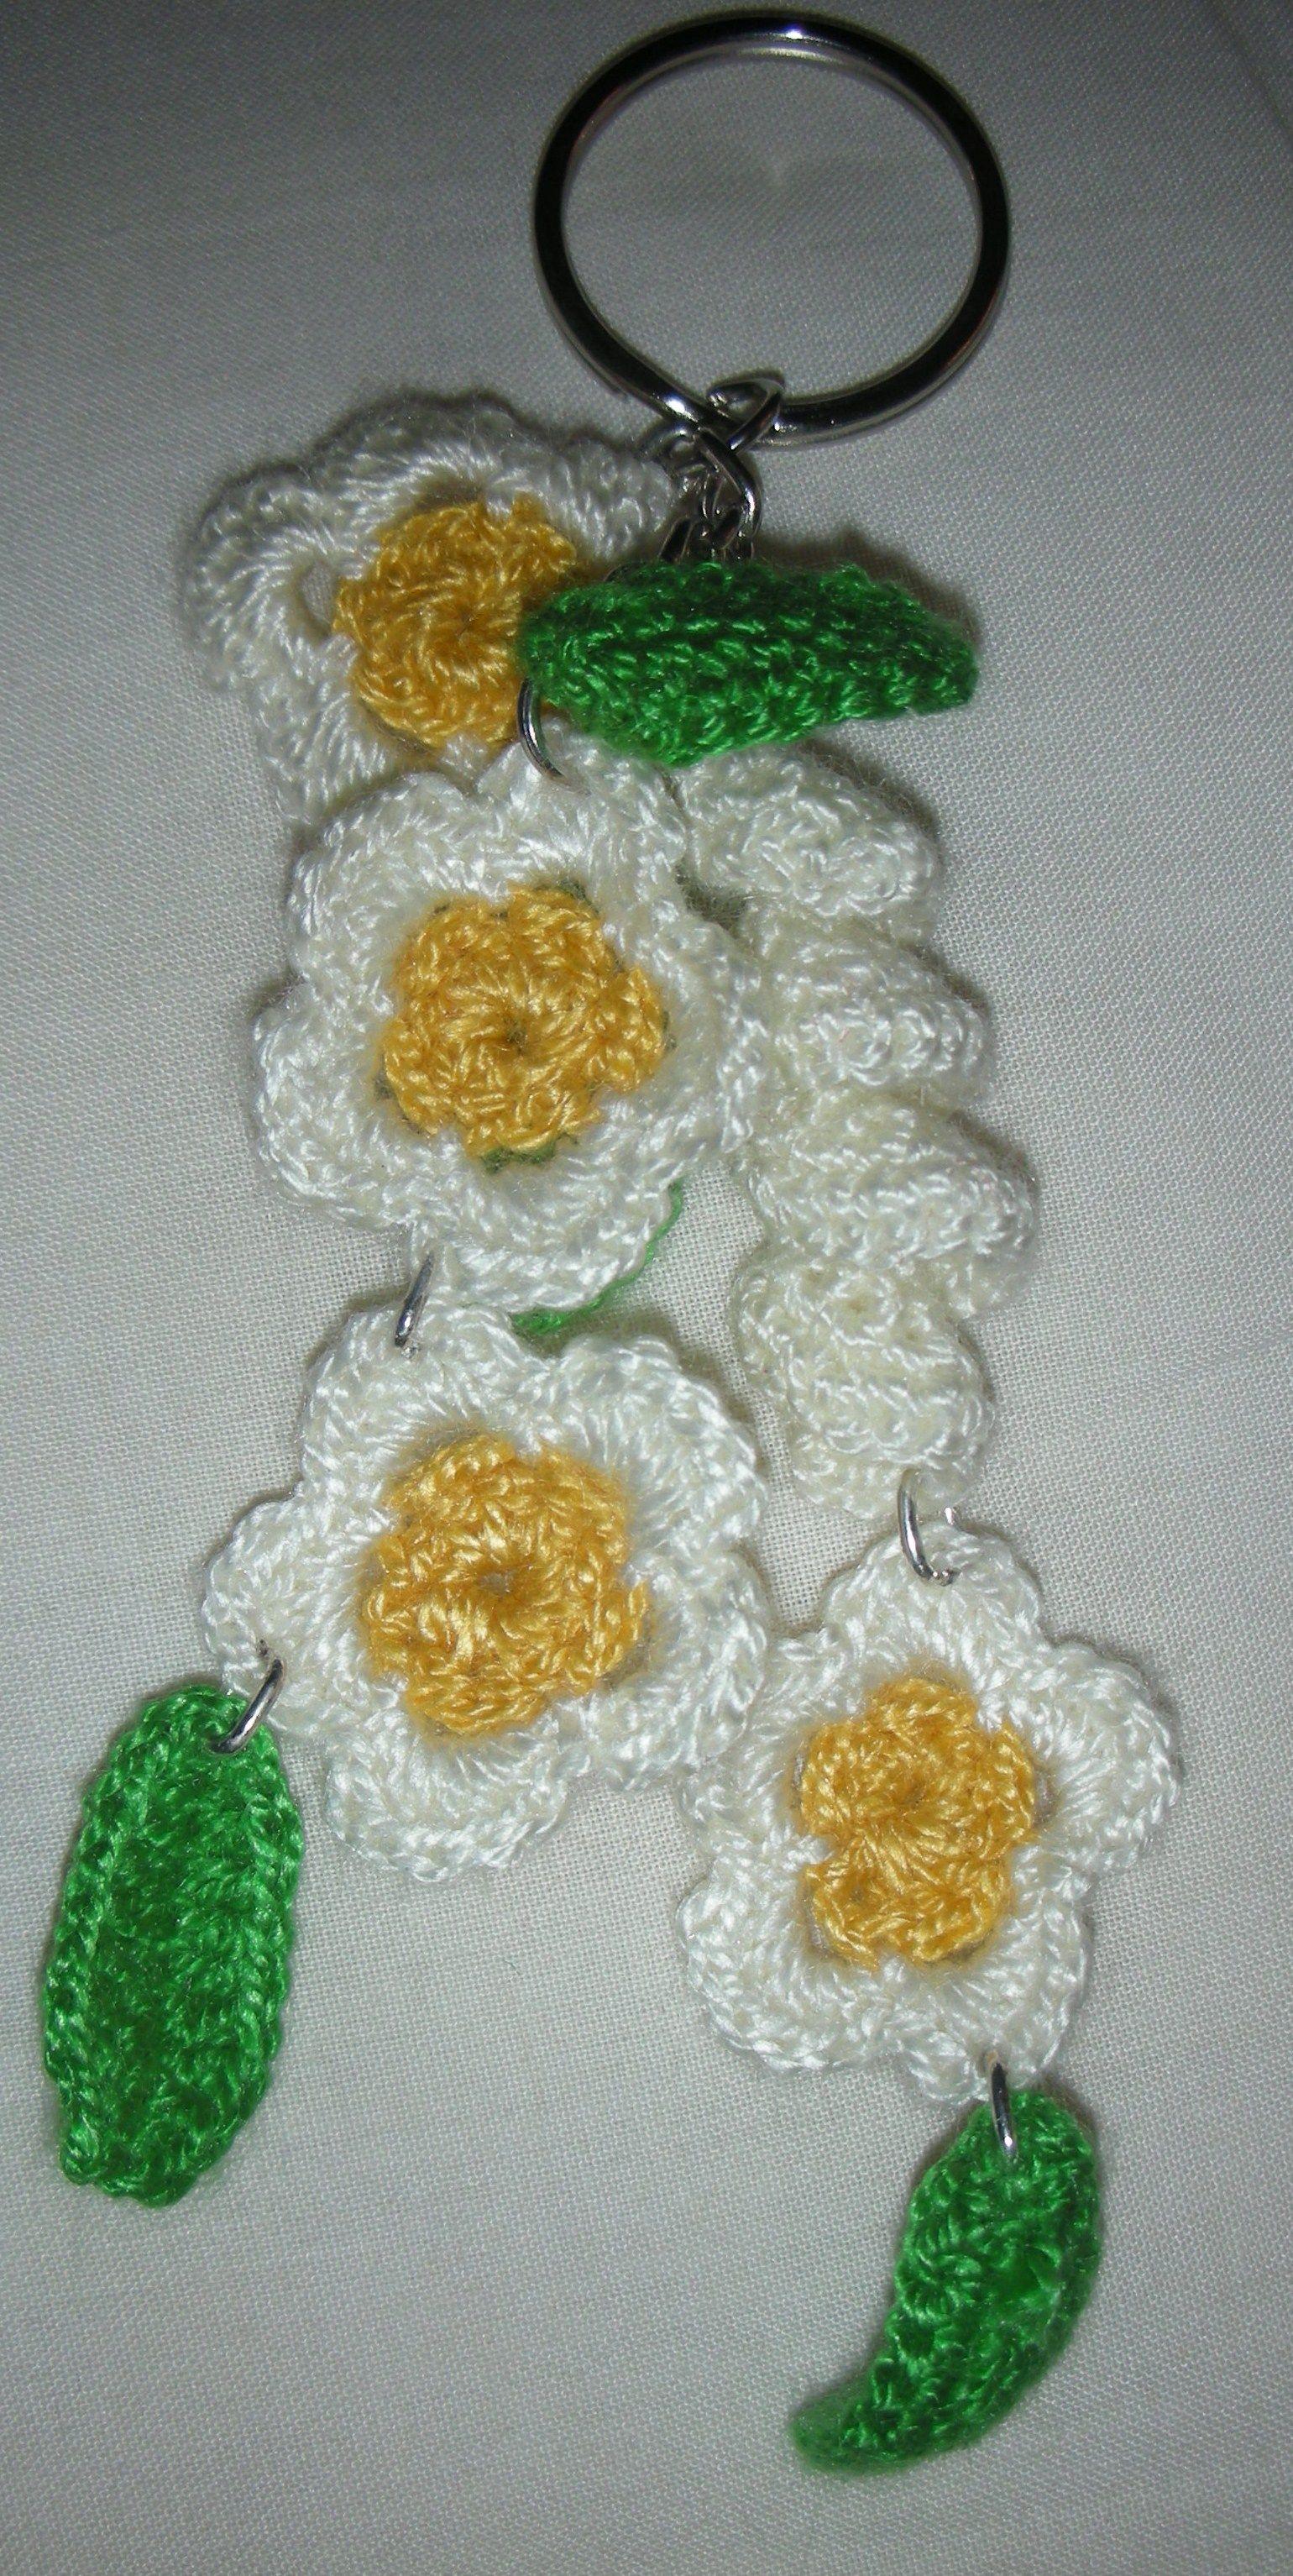 Llavero con aplicaciones en crochet.